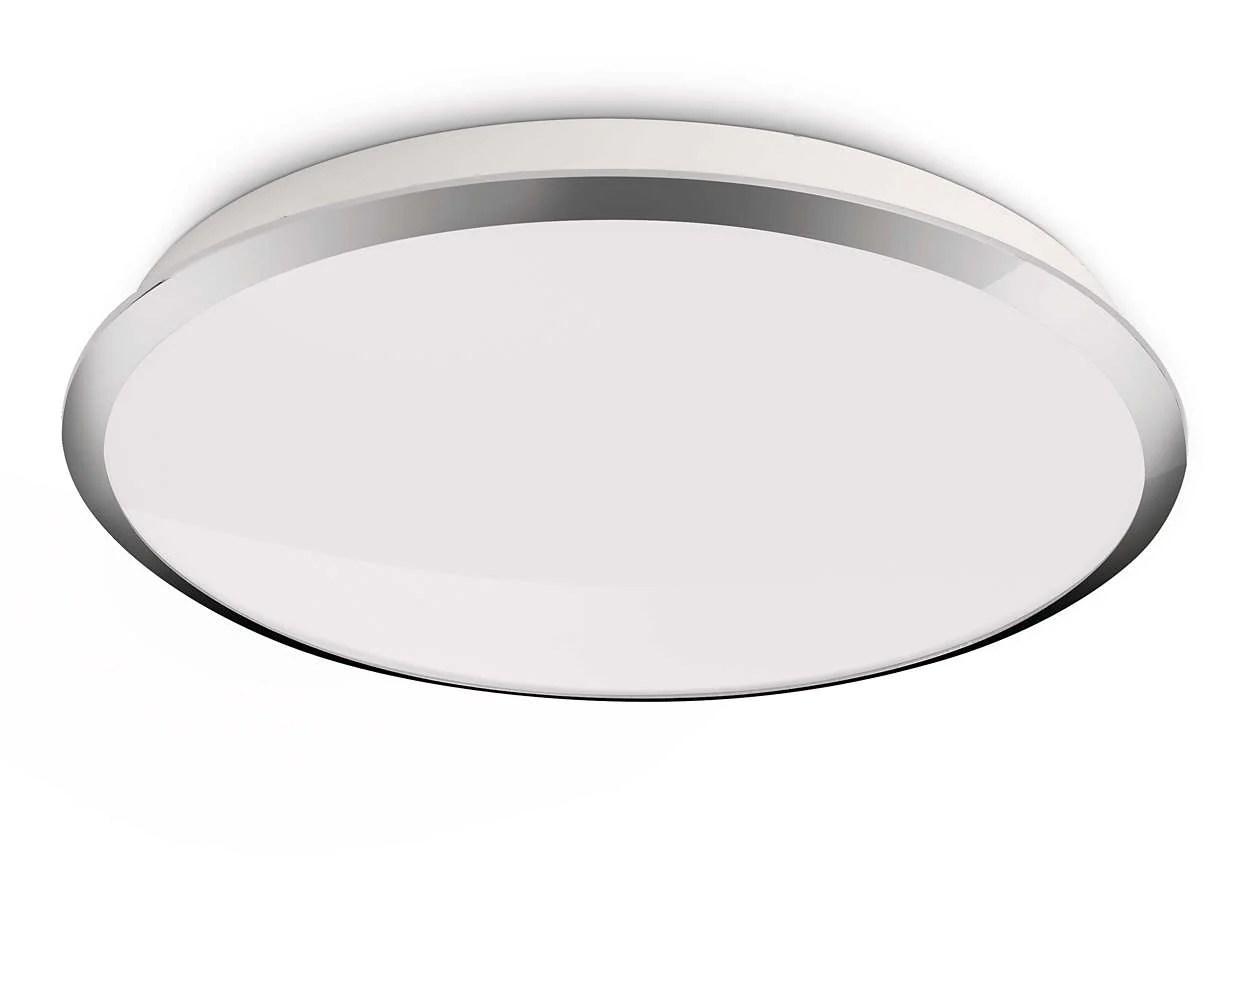 Spiegel Staand Zwart : Staande spiegel swing woonexpress spiegels